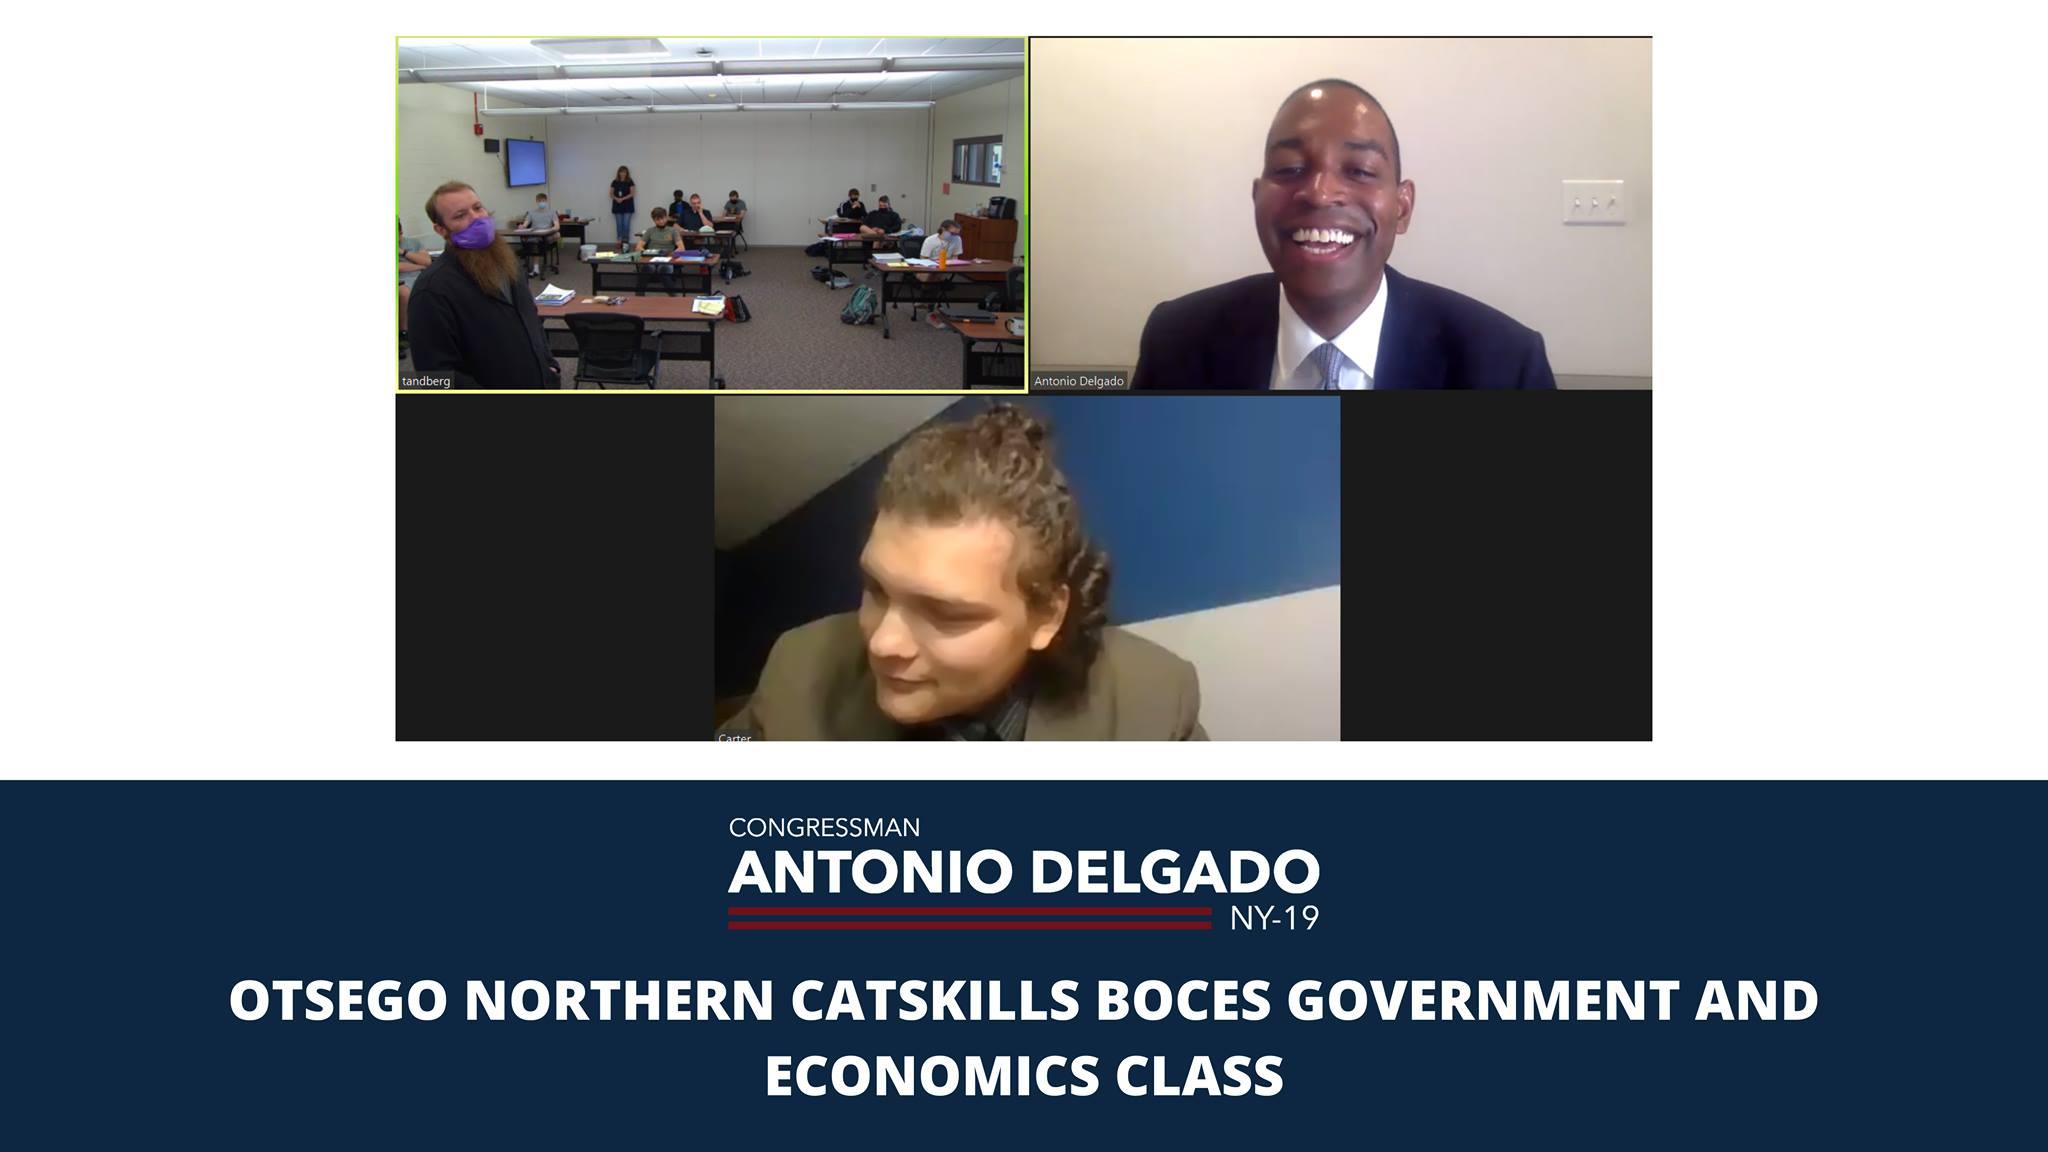 Congressman Antonio Delgado engaging in a virtual conversation with students.